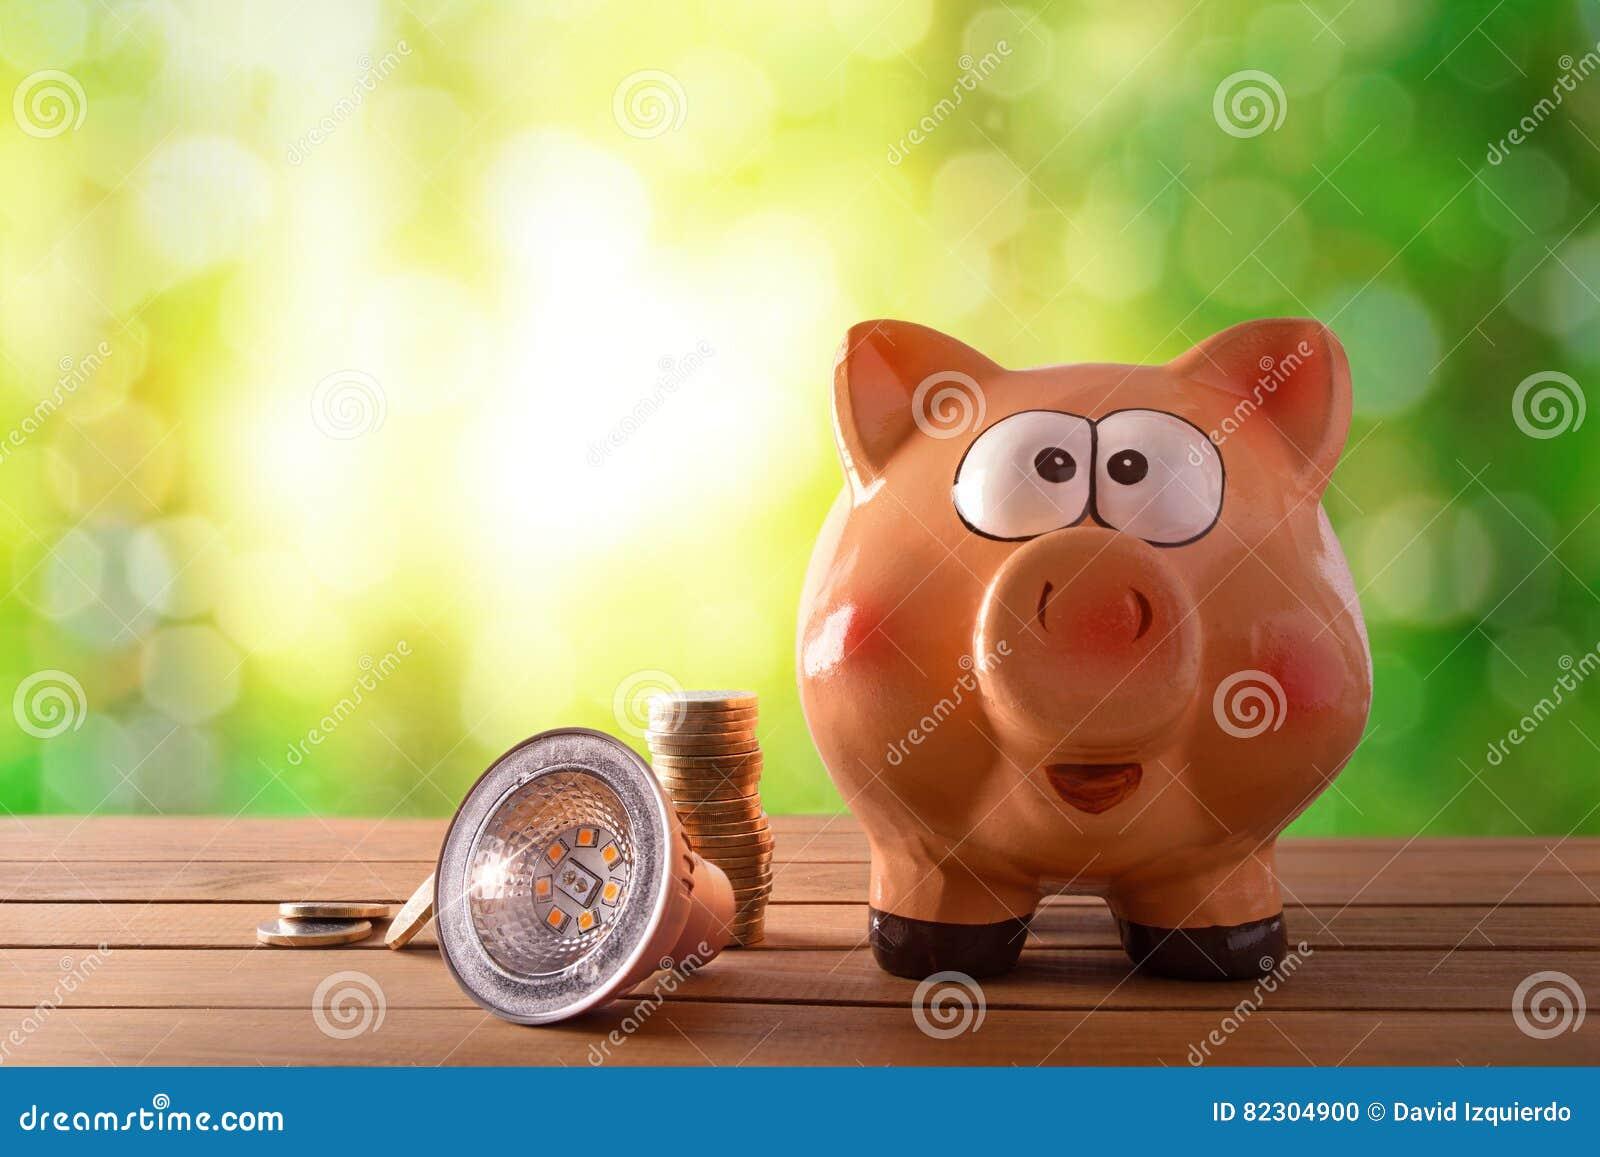 Concepto de ahorro de la energía y eficacia con el bulbo llevado